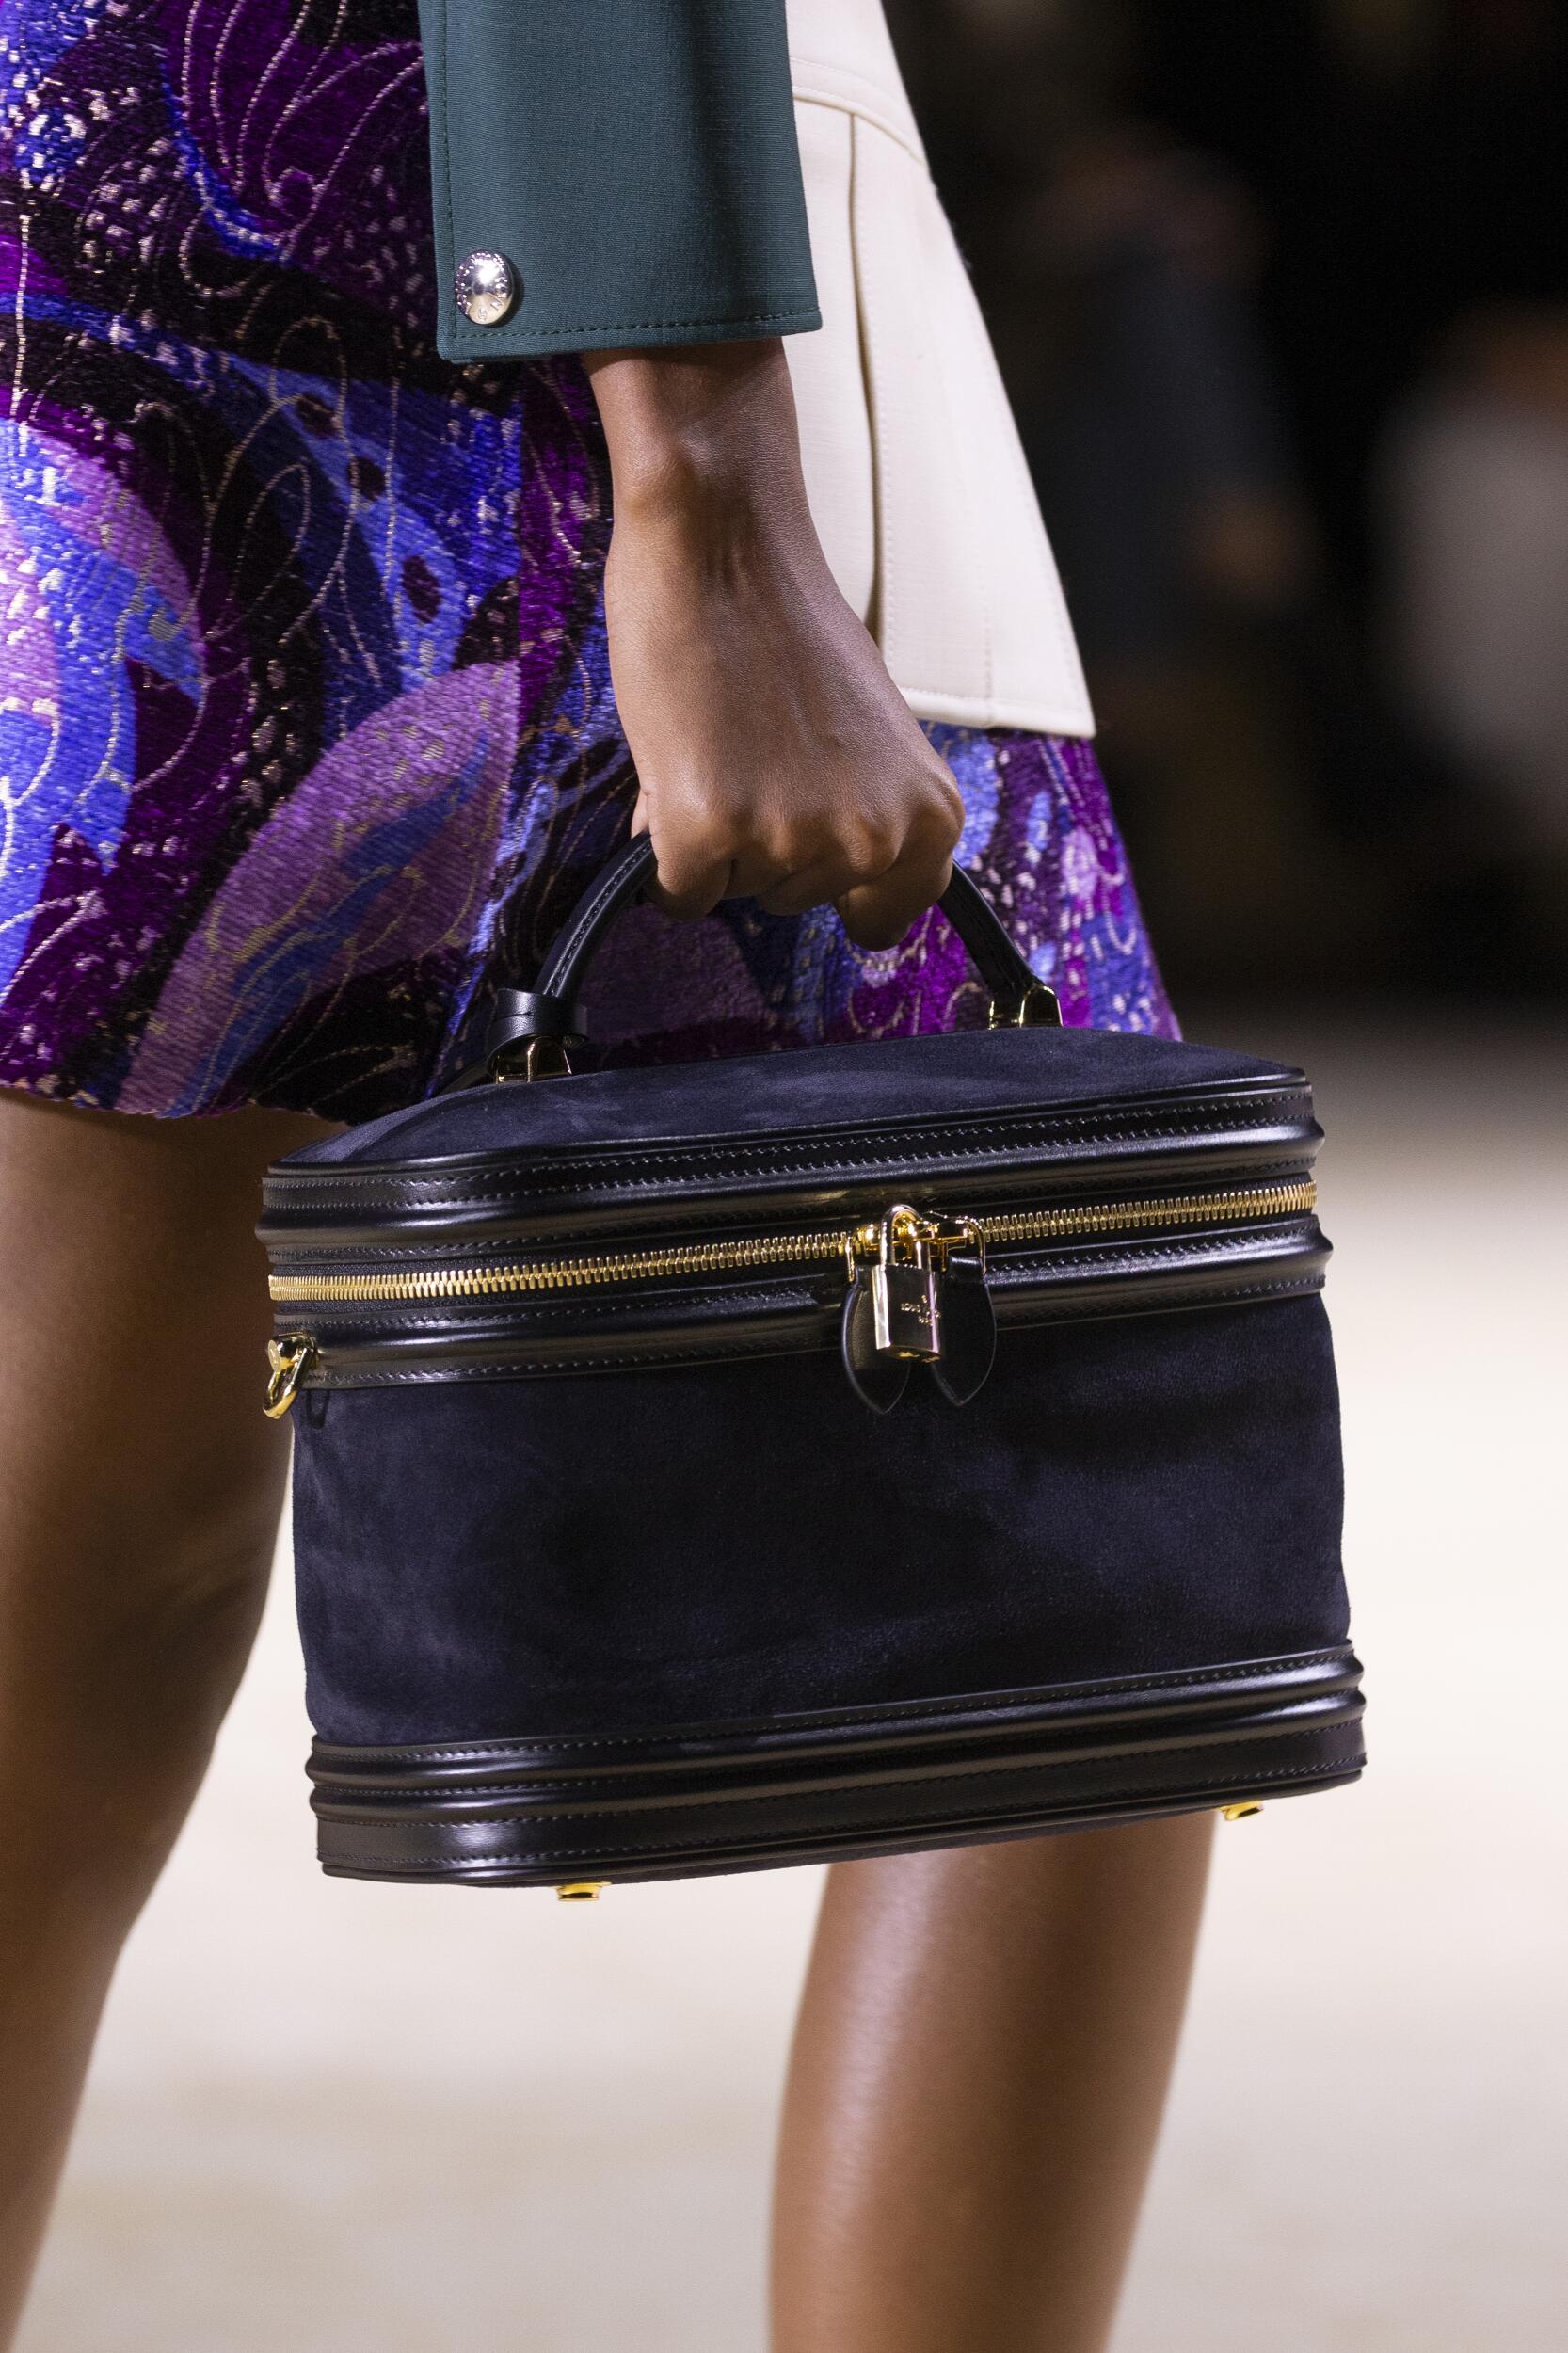 Louis Vuitton Spring Summer 2020 Bag Collection